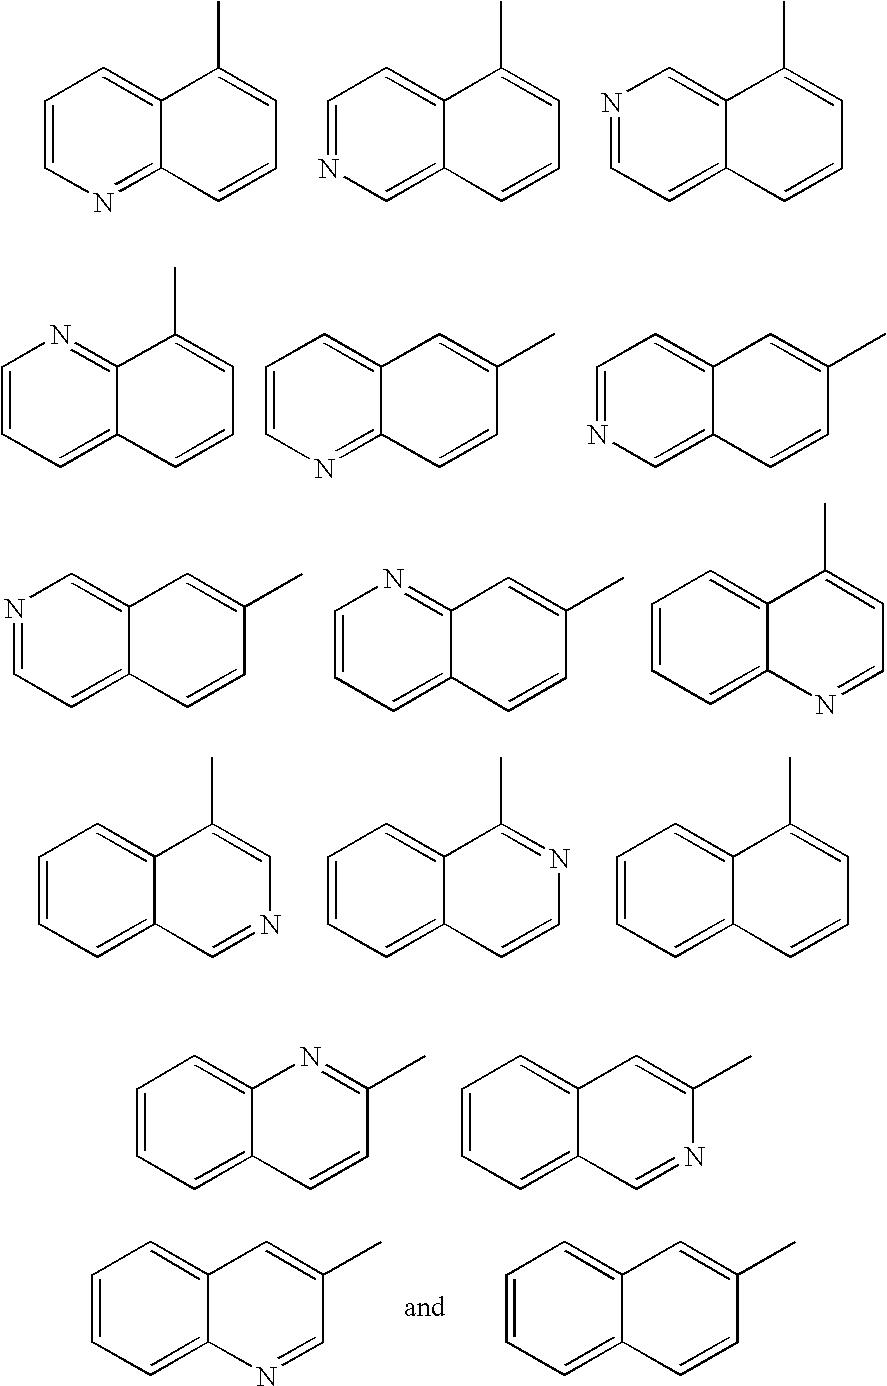 Figure US20060276547A1-20061207-C00039